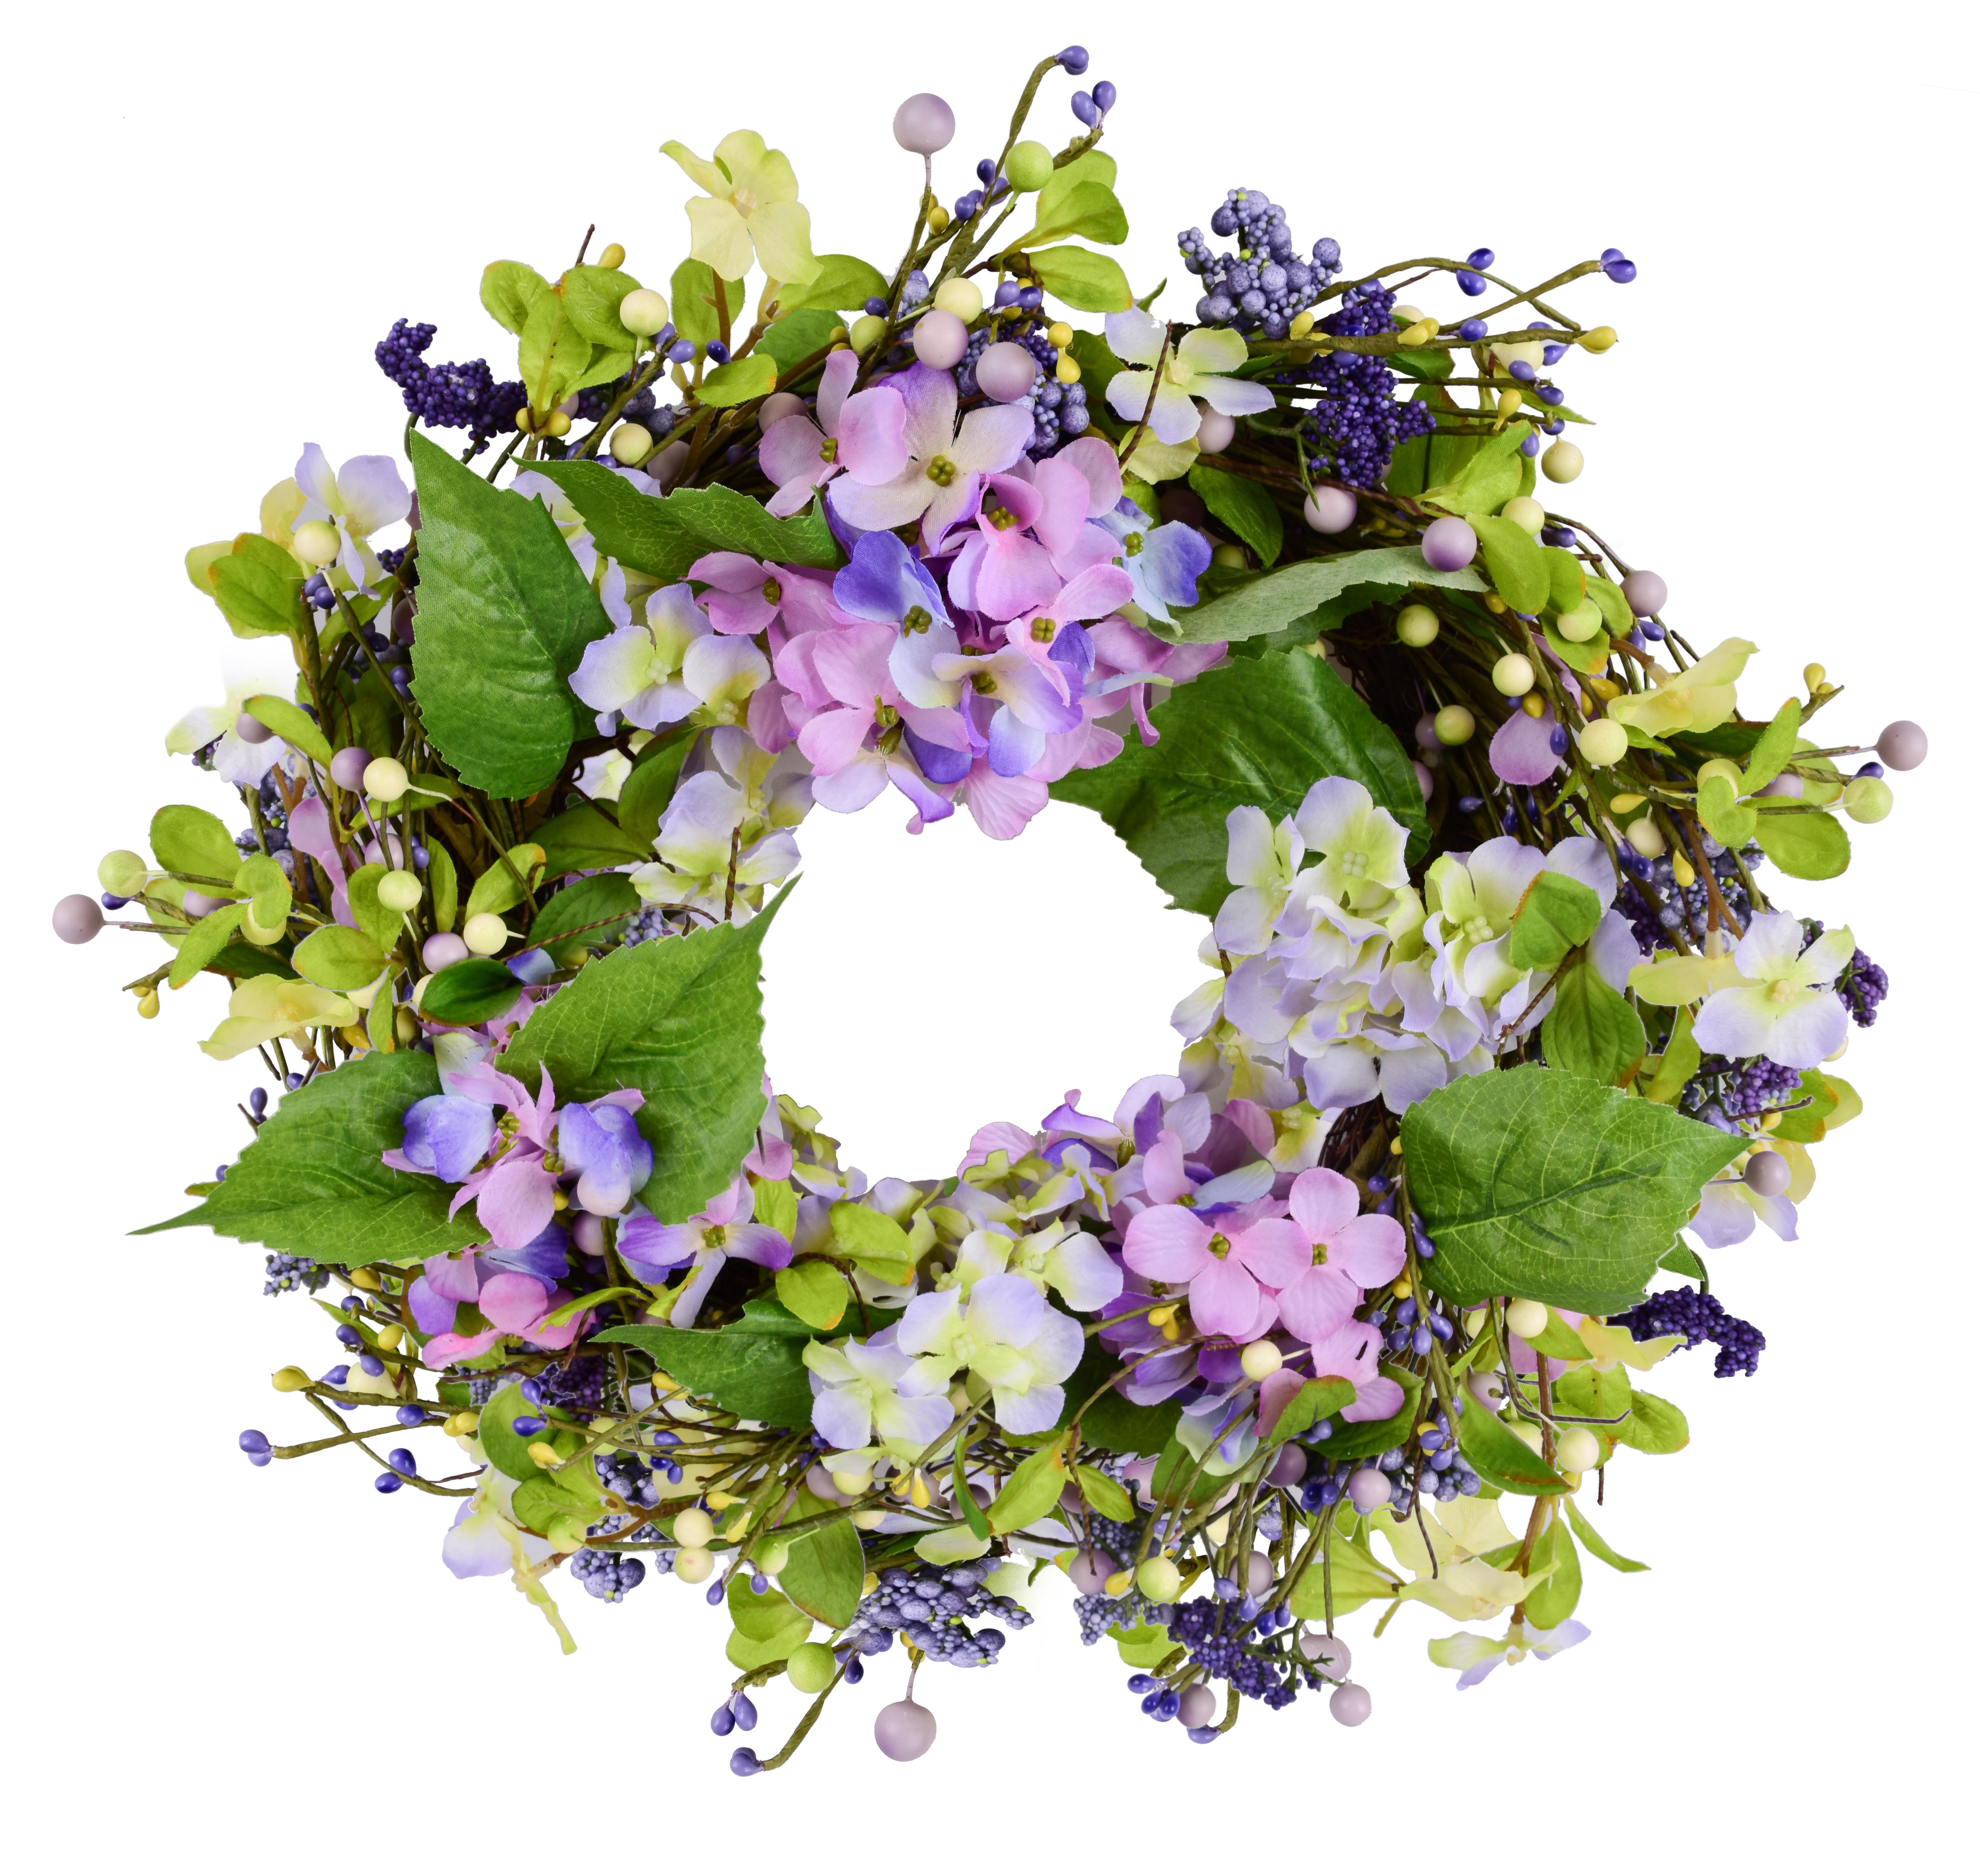 XL dekorativní věnec květinový